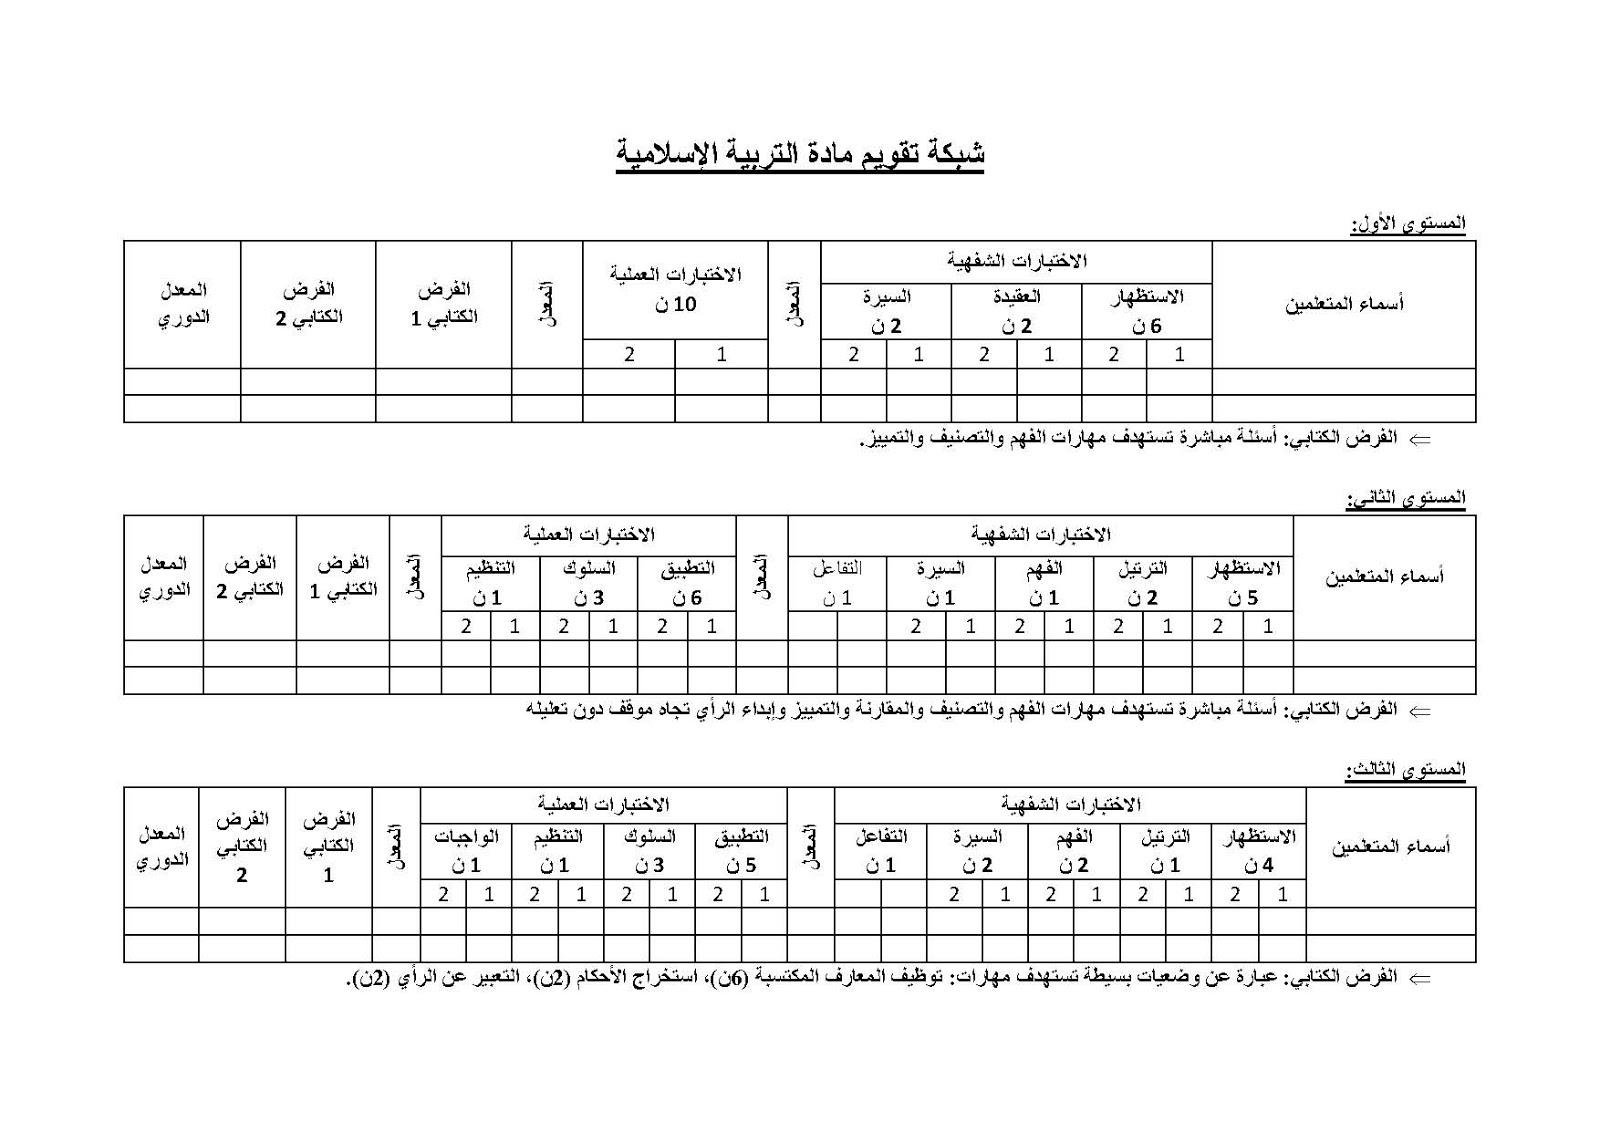 شبكة تقويم مادة التربية الإسلامية وفق المنهاج المراجع الجديد